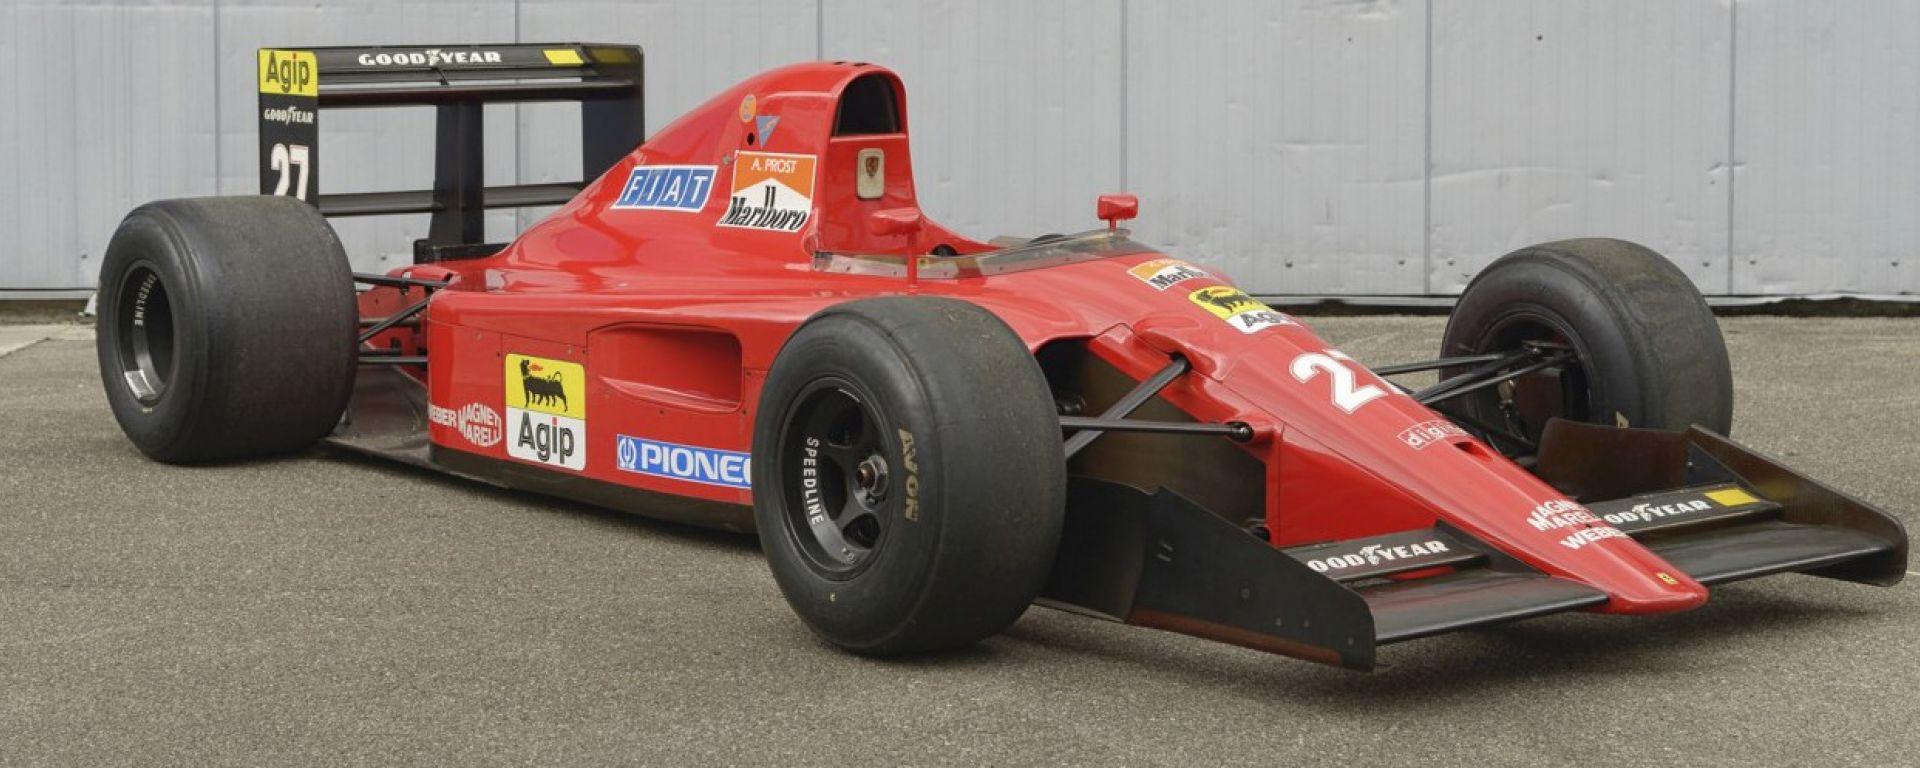 La Ferrari F1 di Prost e Alesi è all'asta fino al 27 settembre